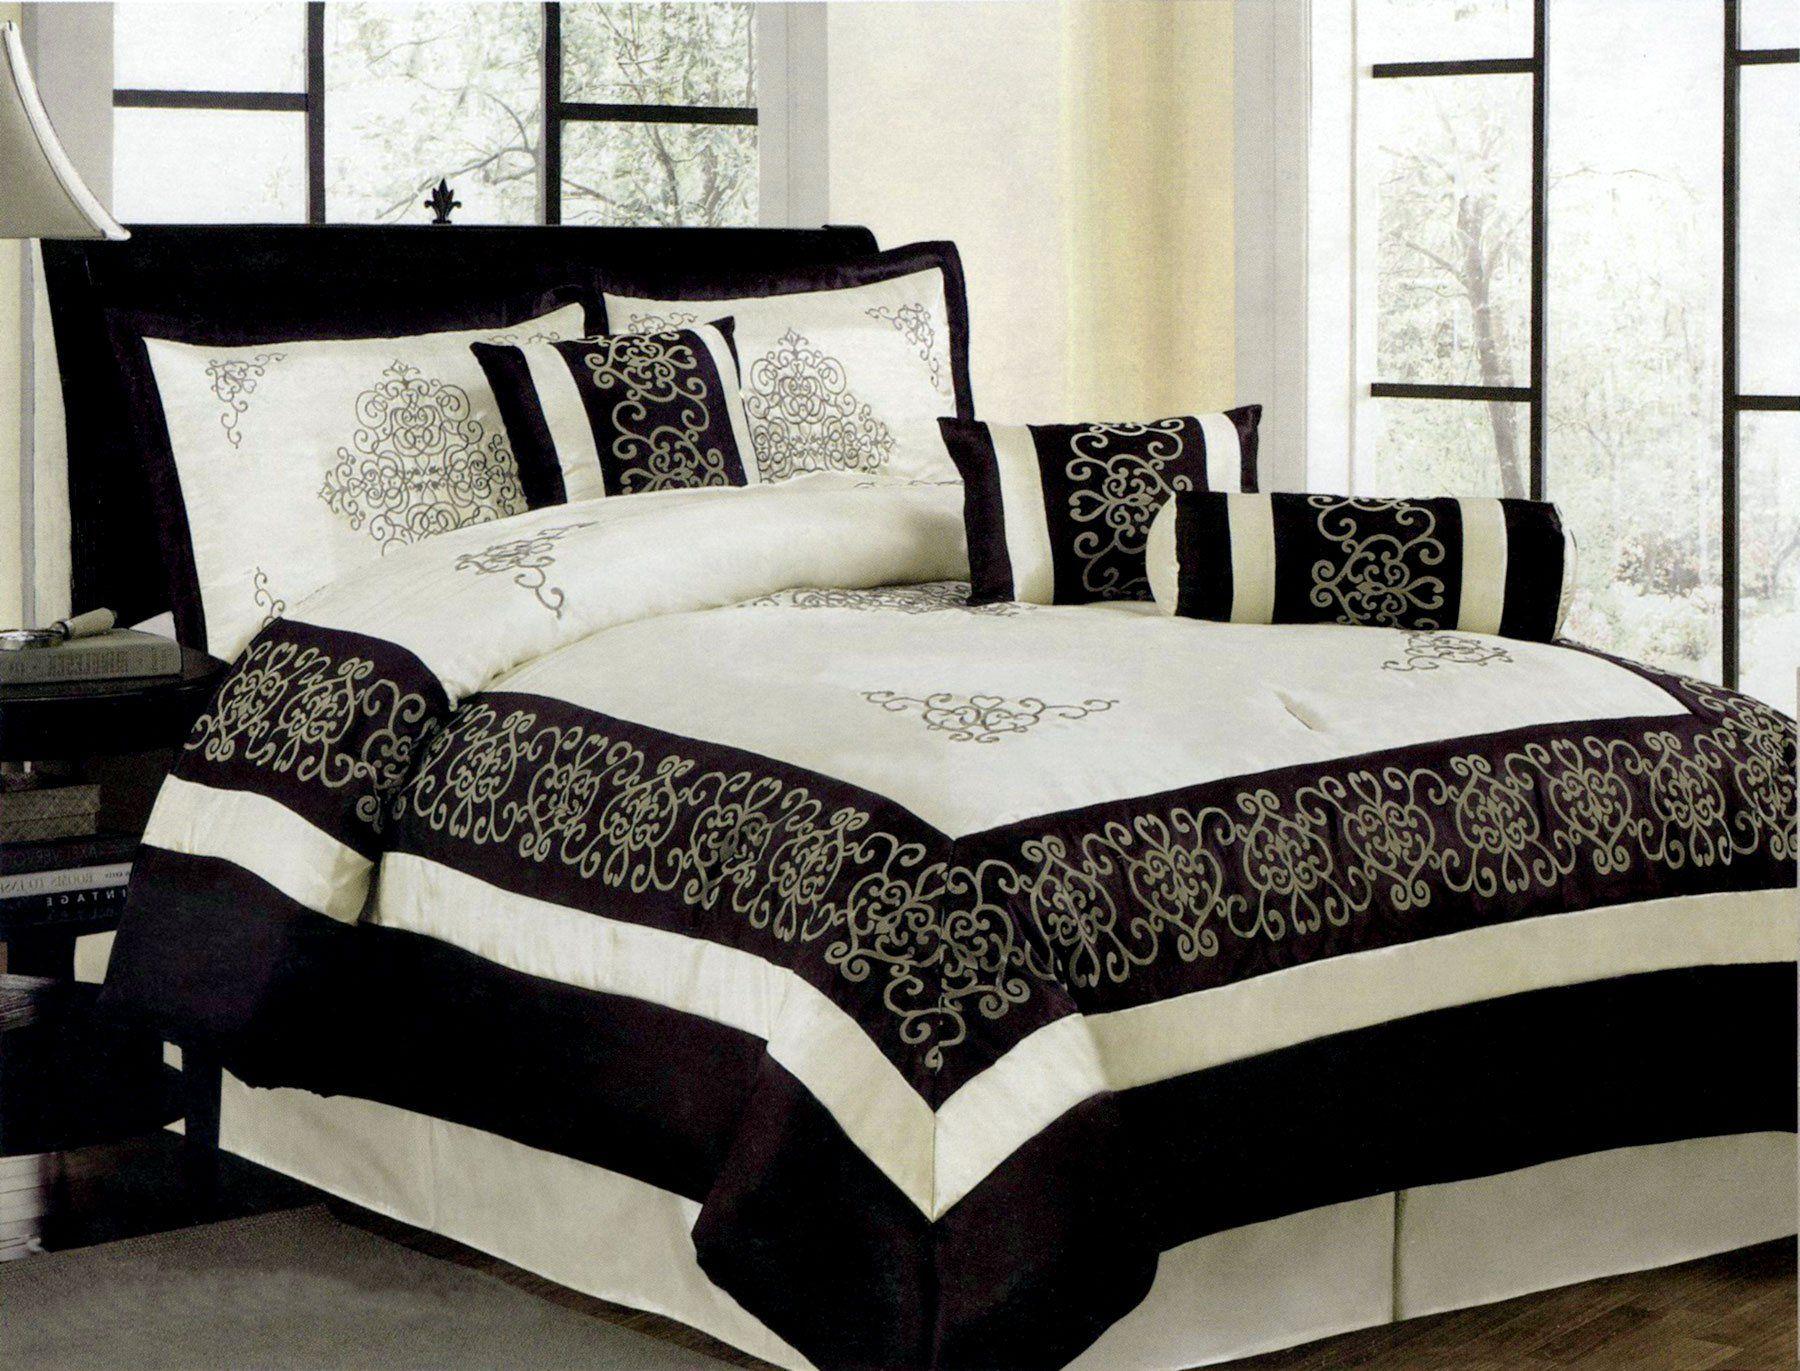 7 Pcs Flocking Royal Floral Comforter Set Bed In A Bag King Black